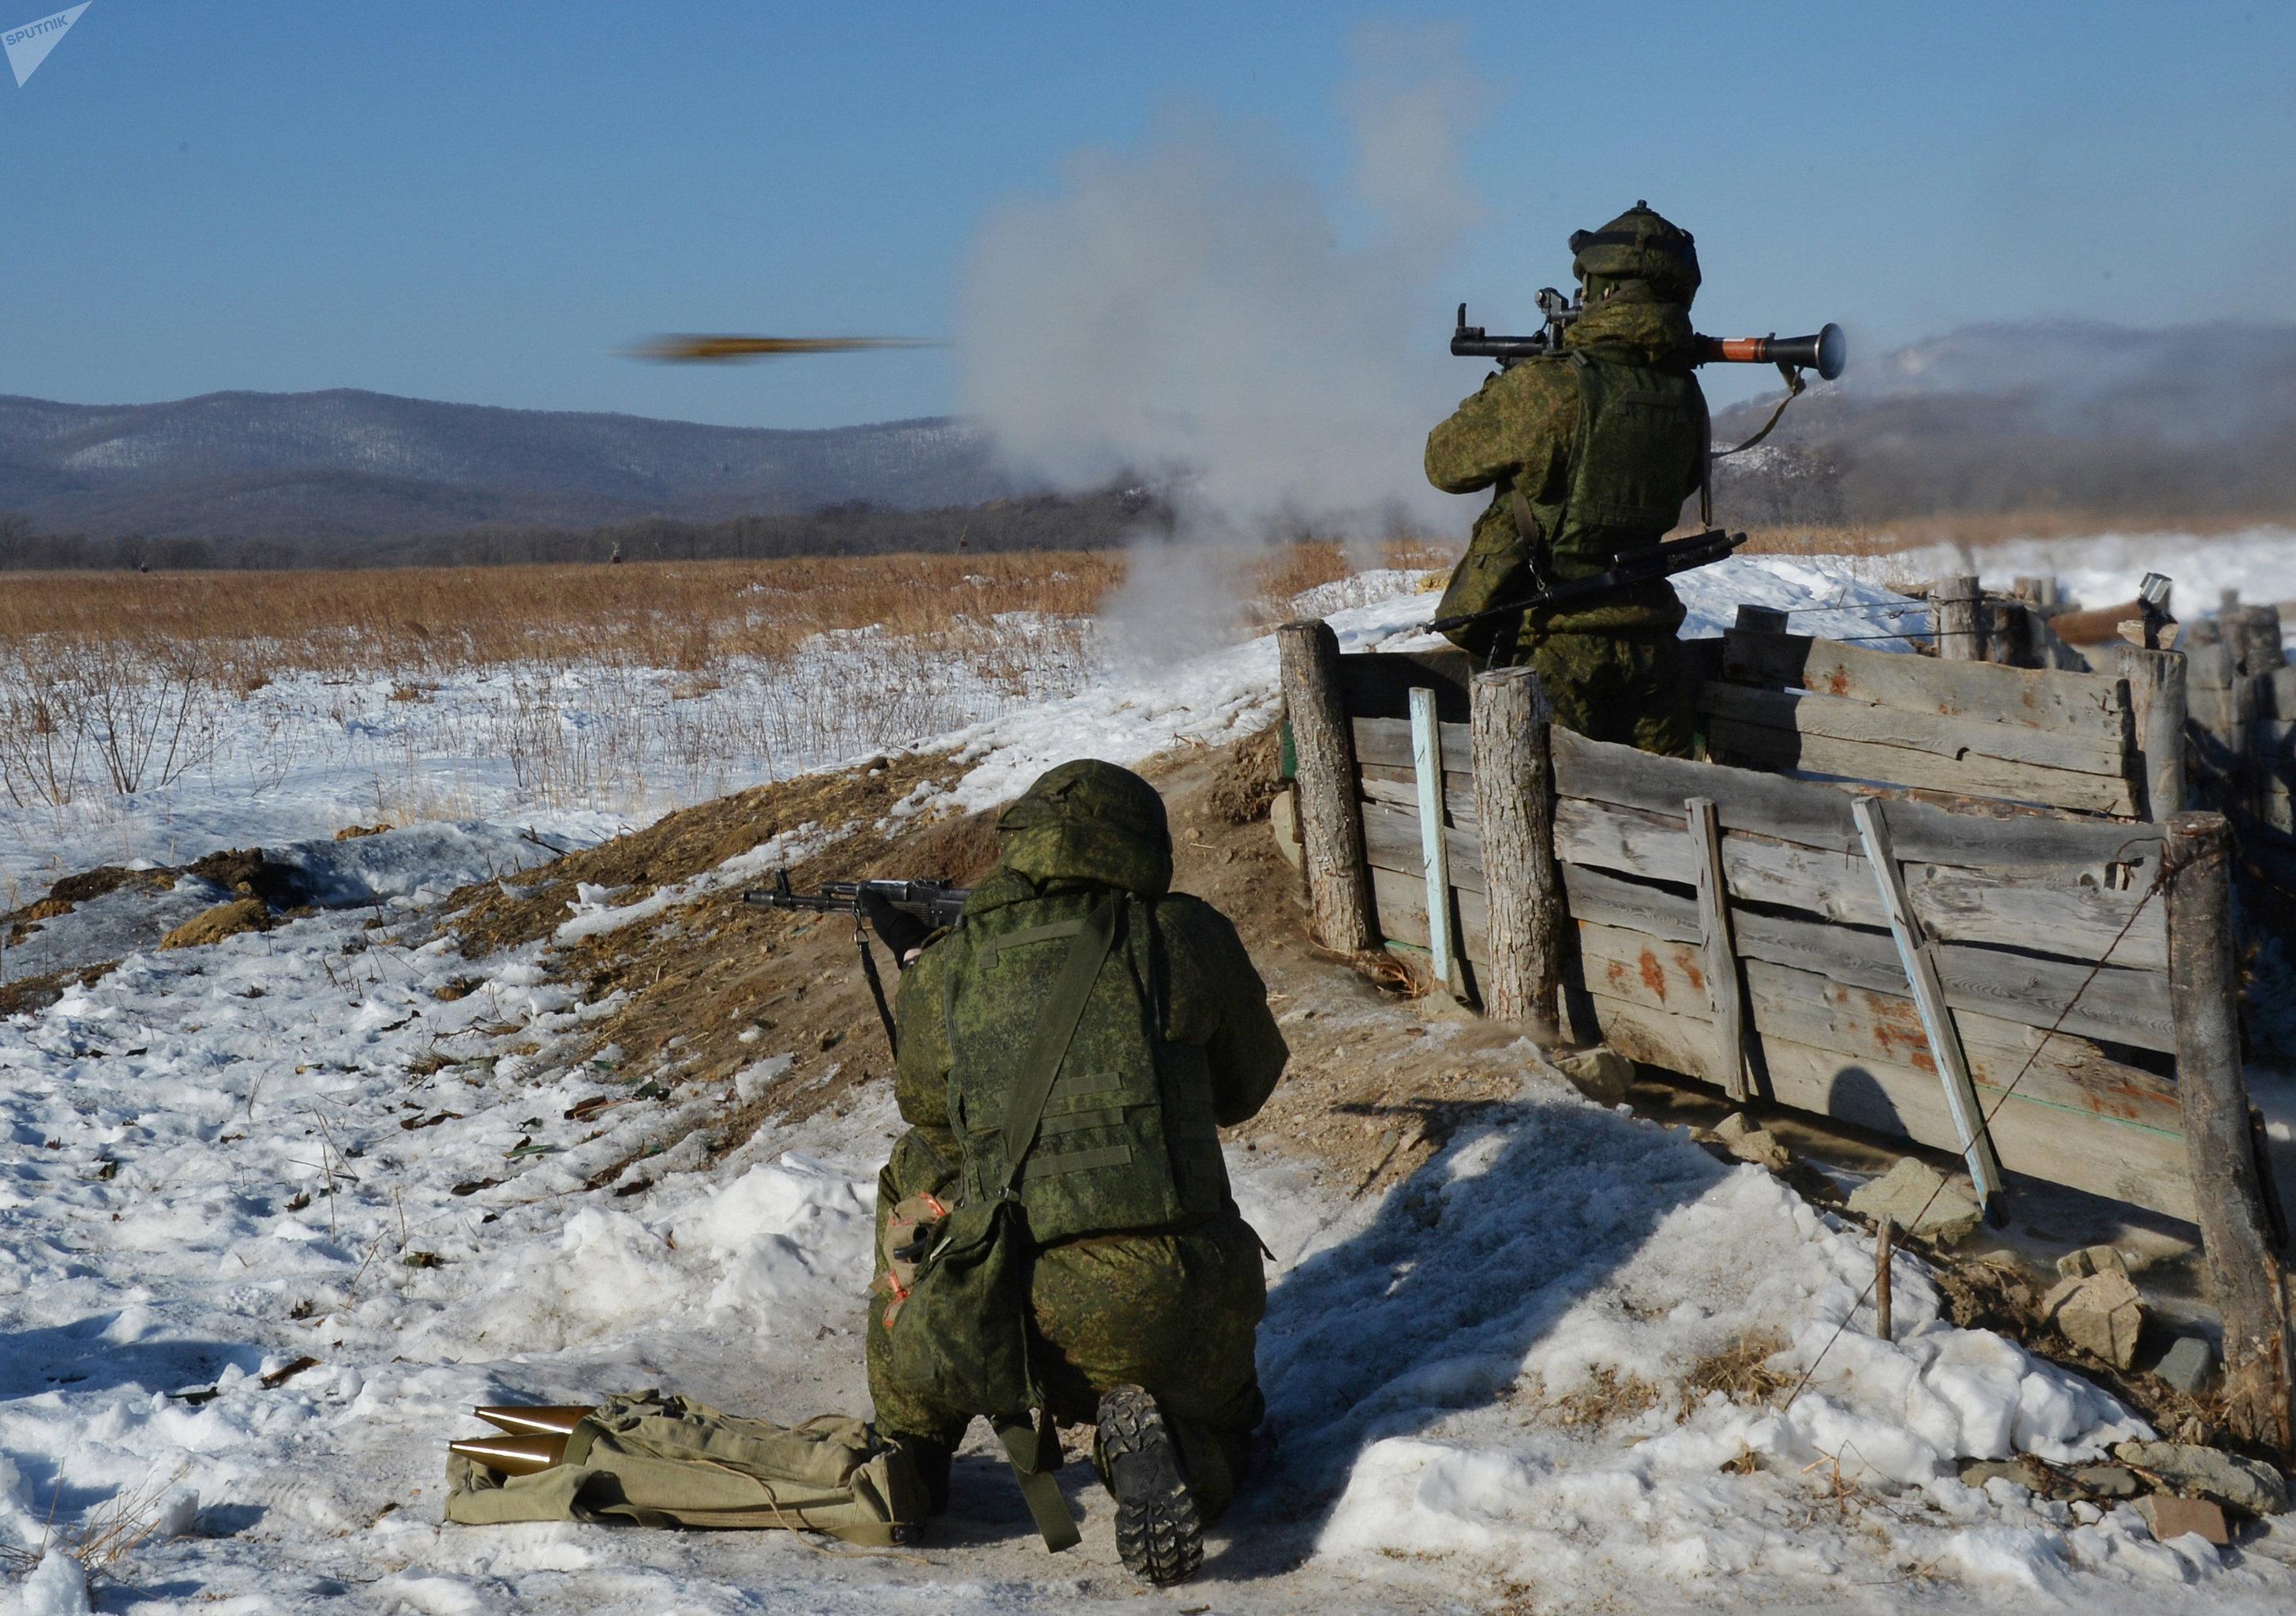 Una unidad antitanque rusa practica el uso del RPG-7 durante los ejercicios